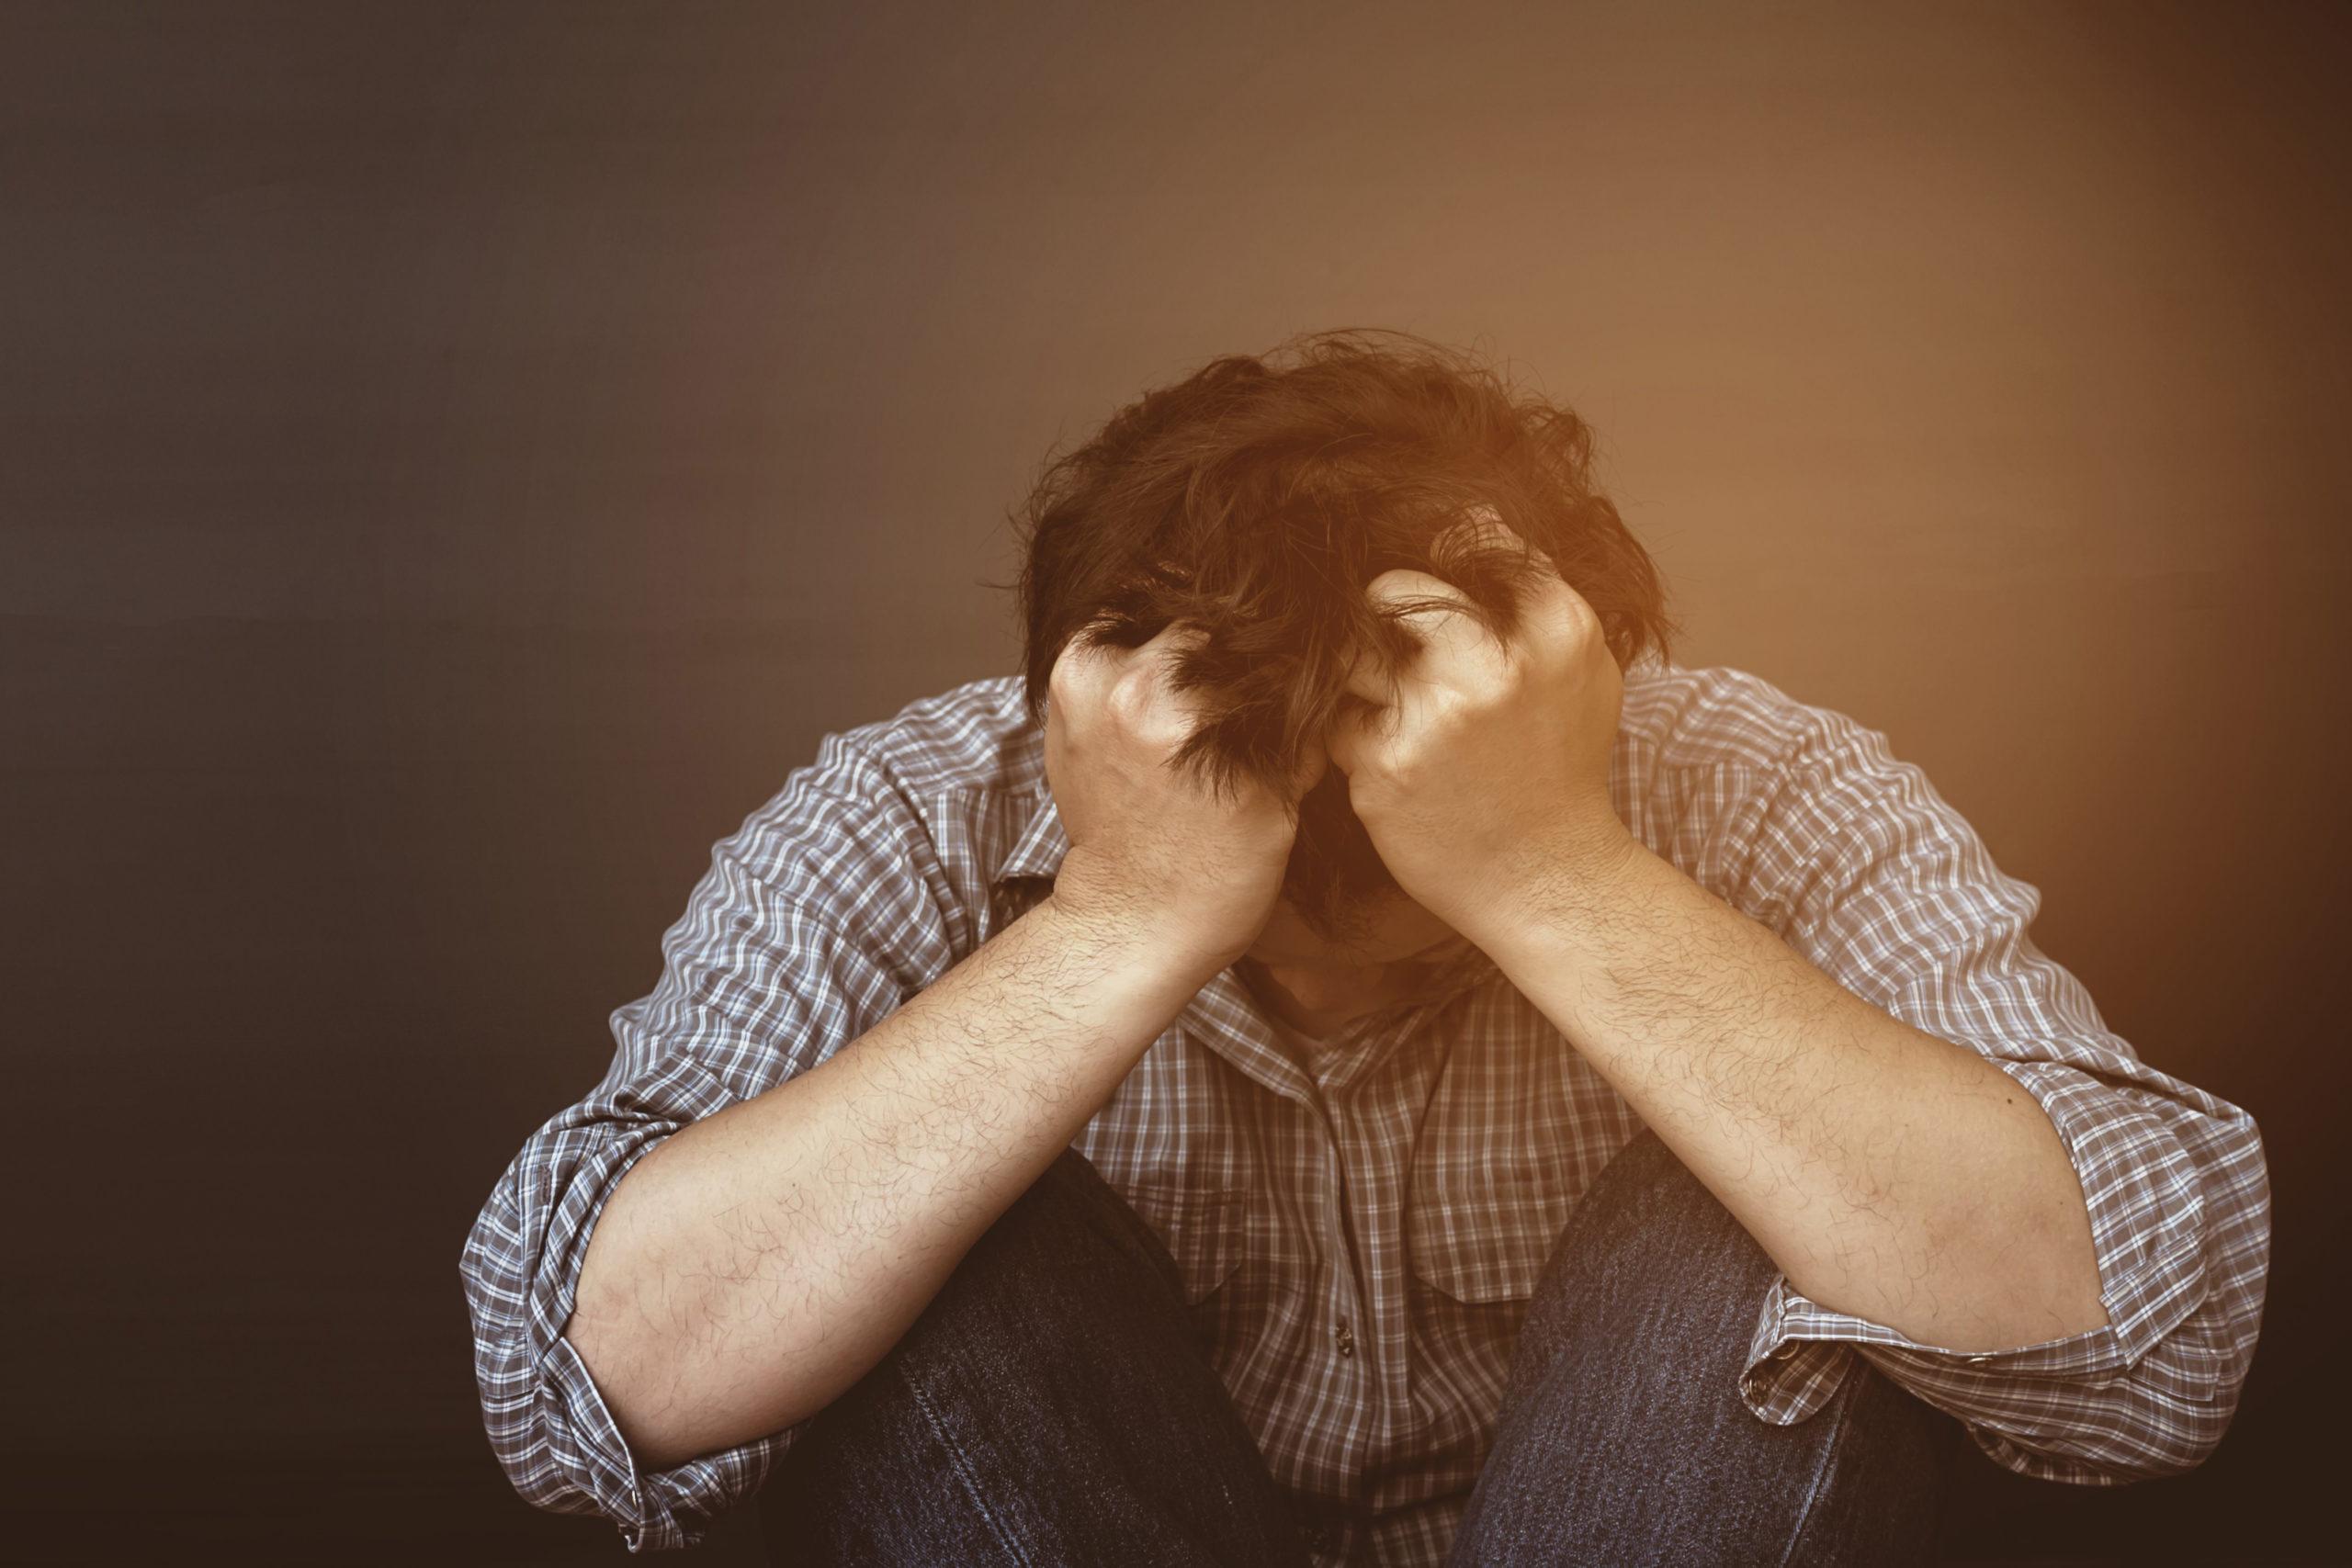 Los diez principales síntomas de la espiritualidad emocionalmente enferma